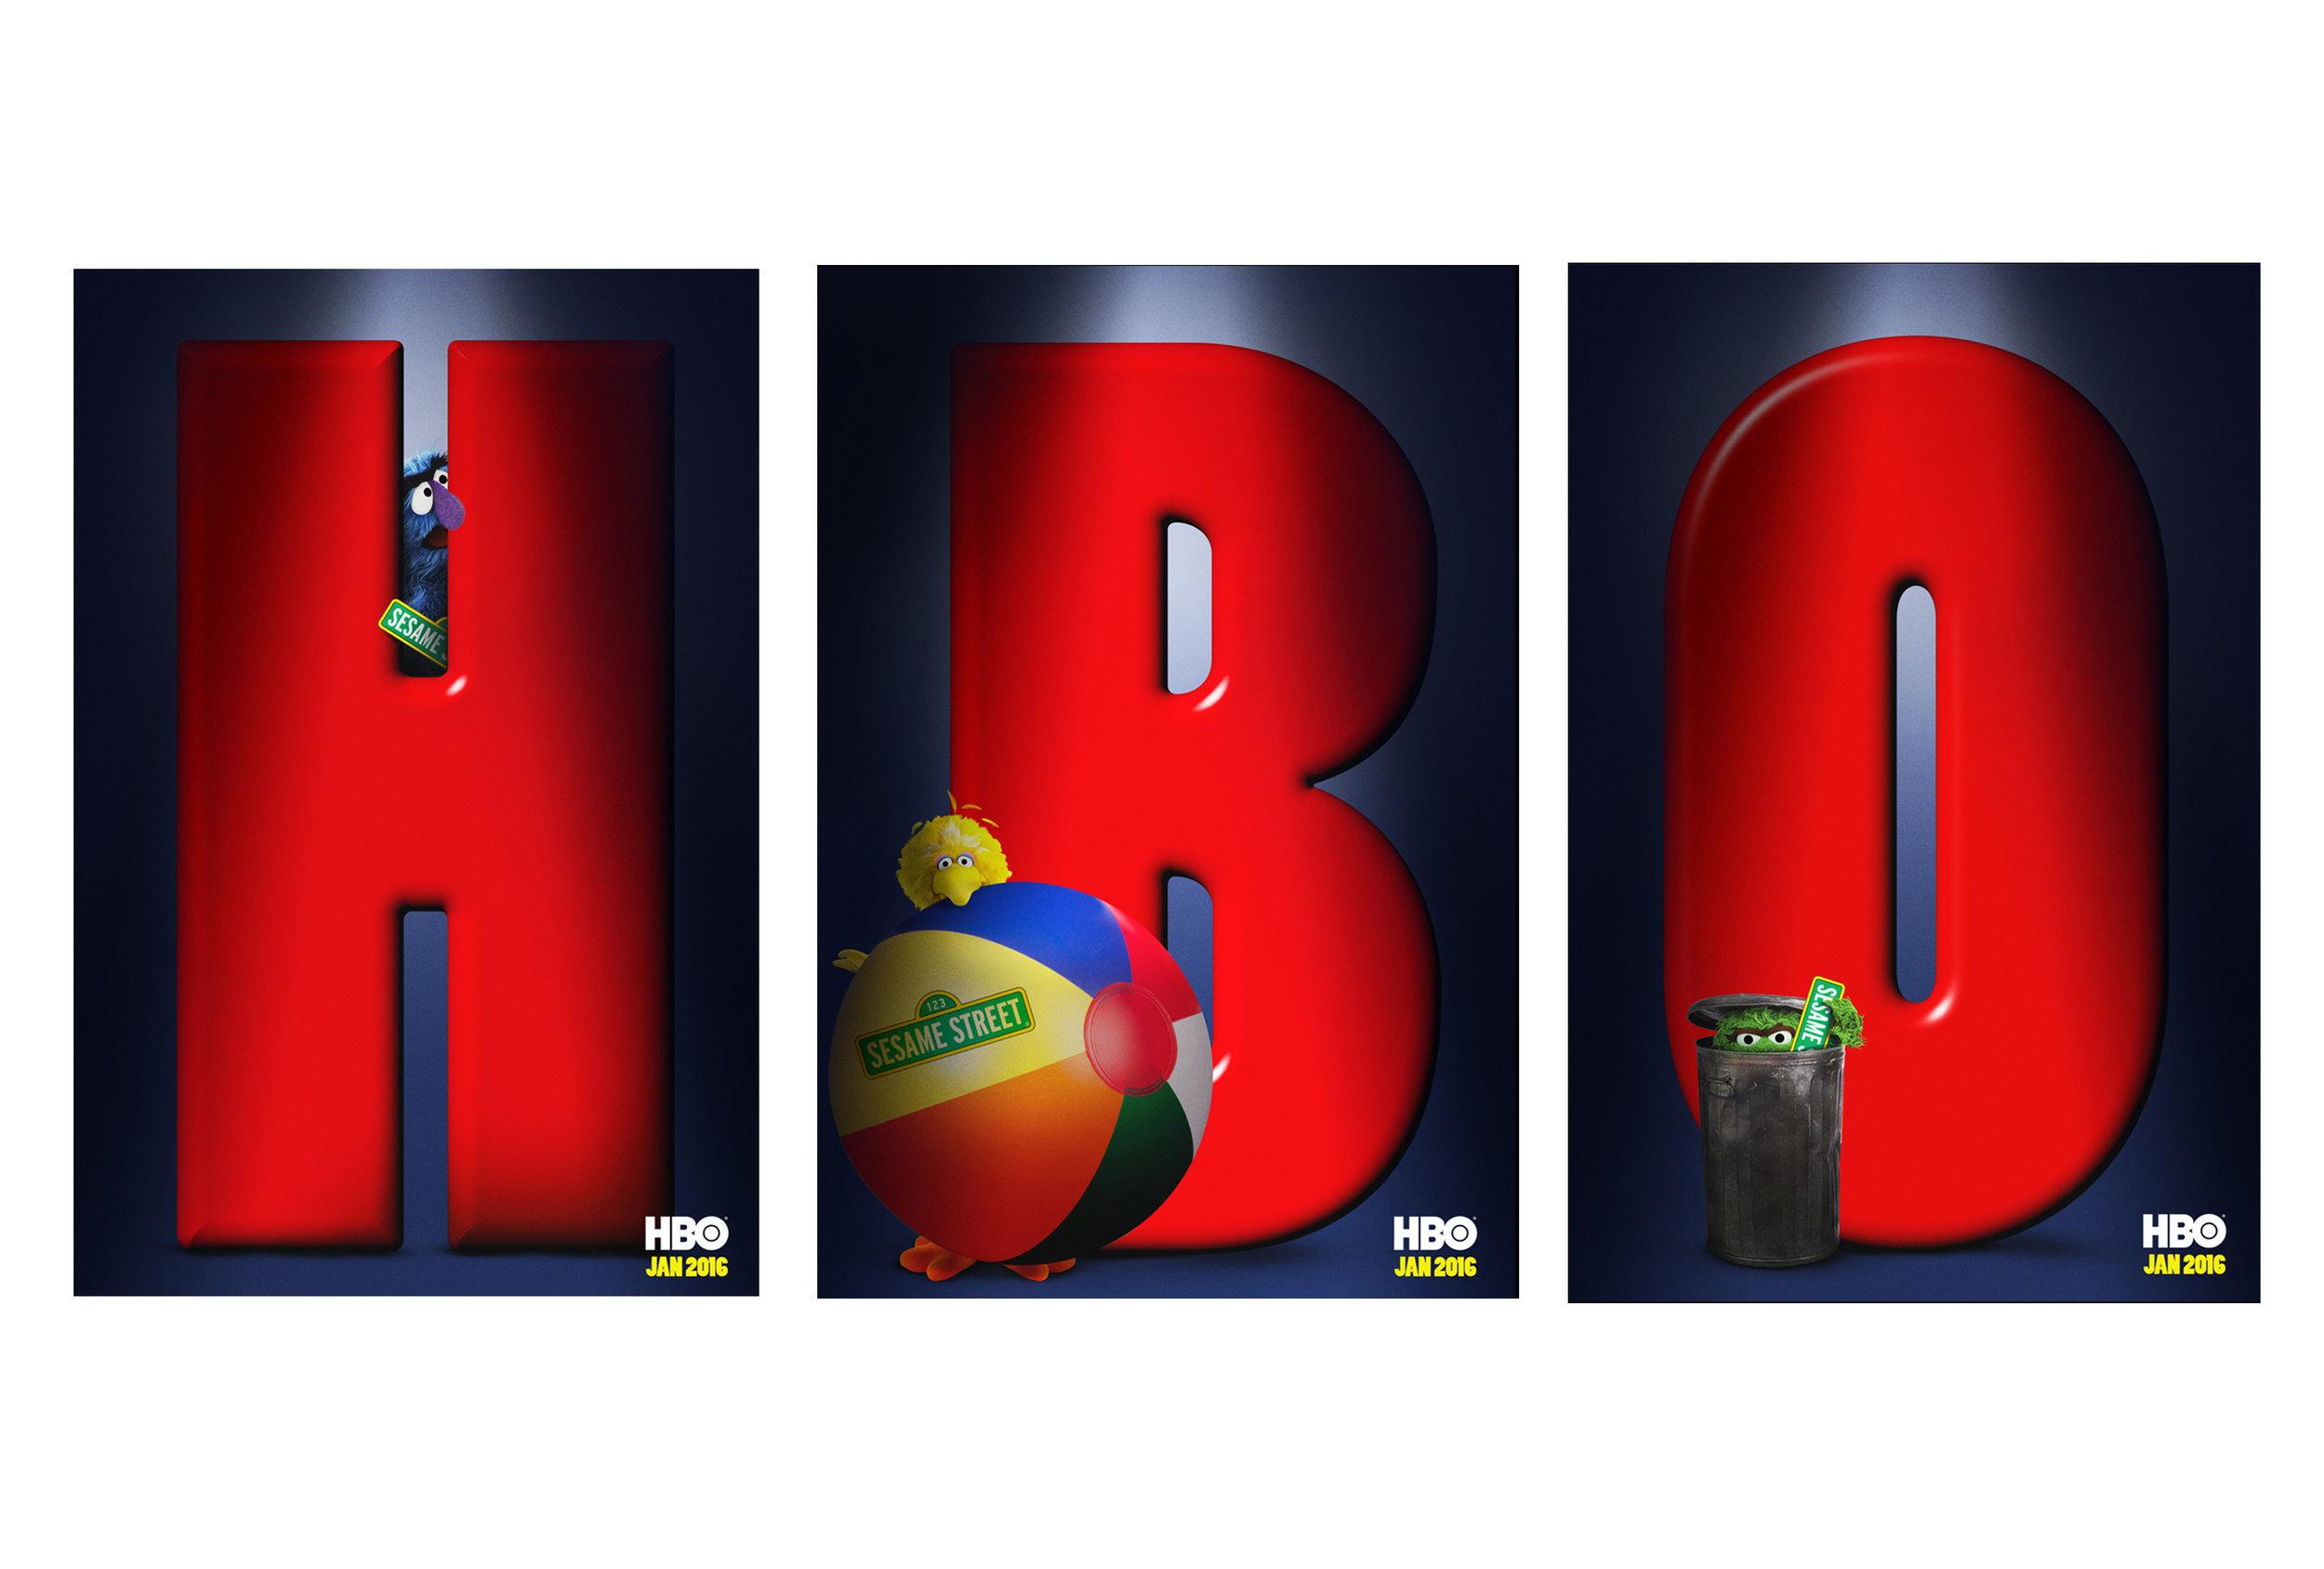 Sesame Street - HBO